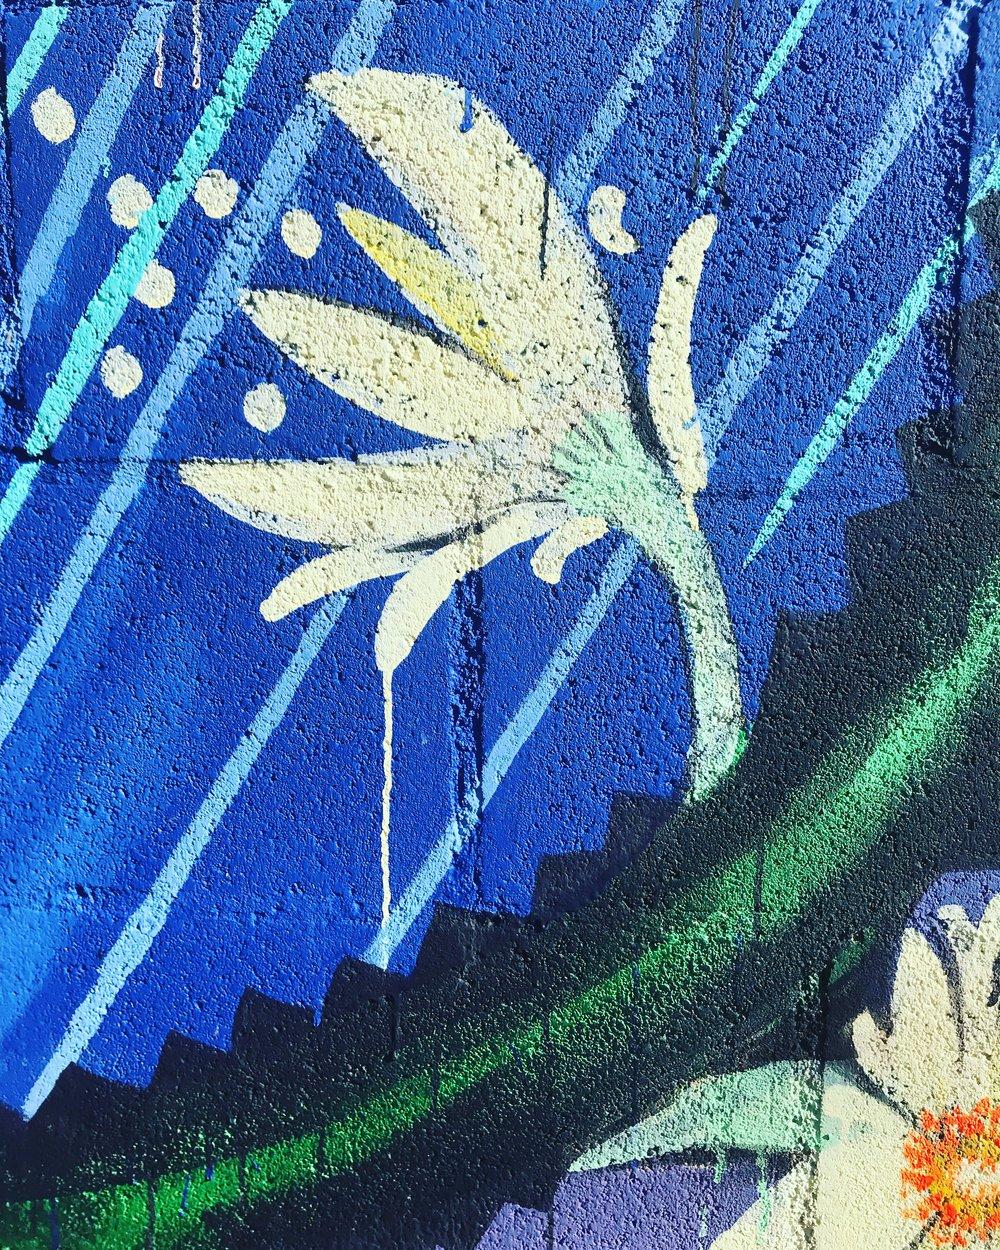 Detail from Moon Garden mural